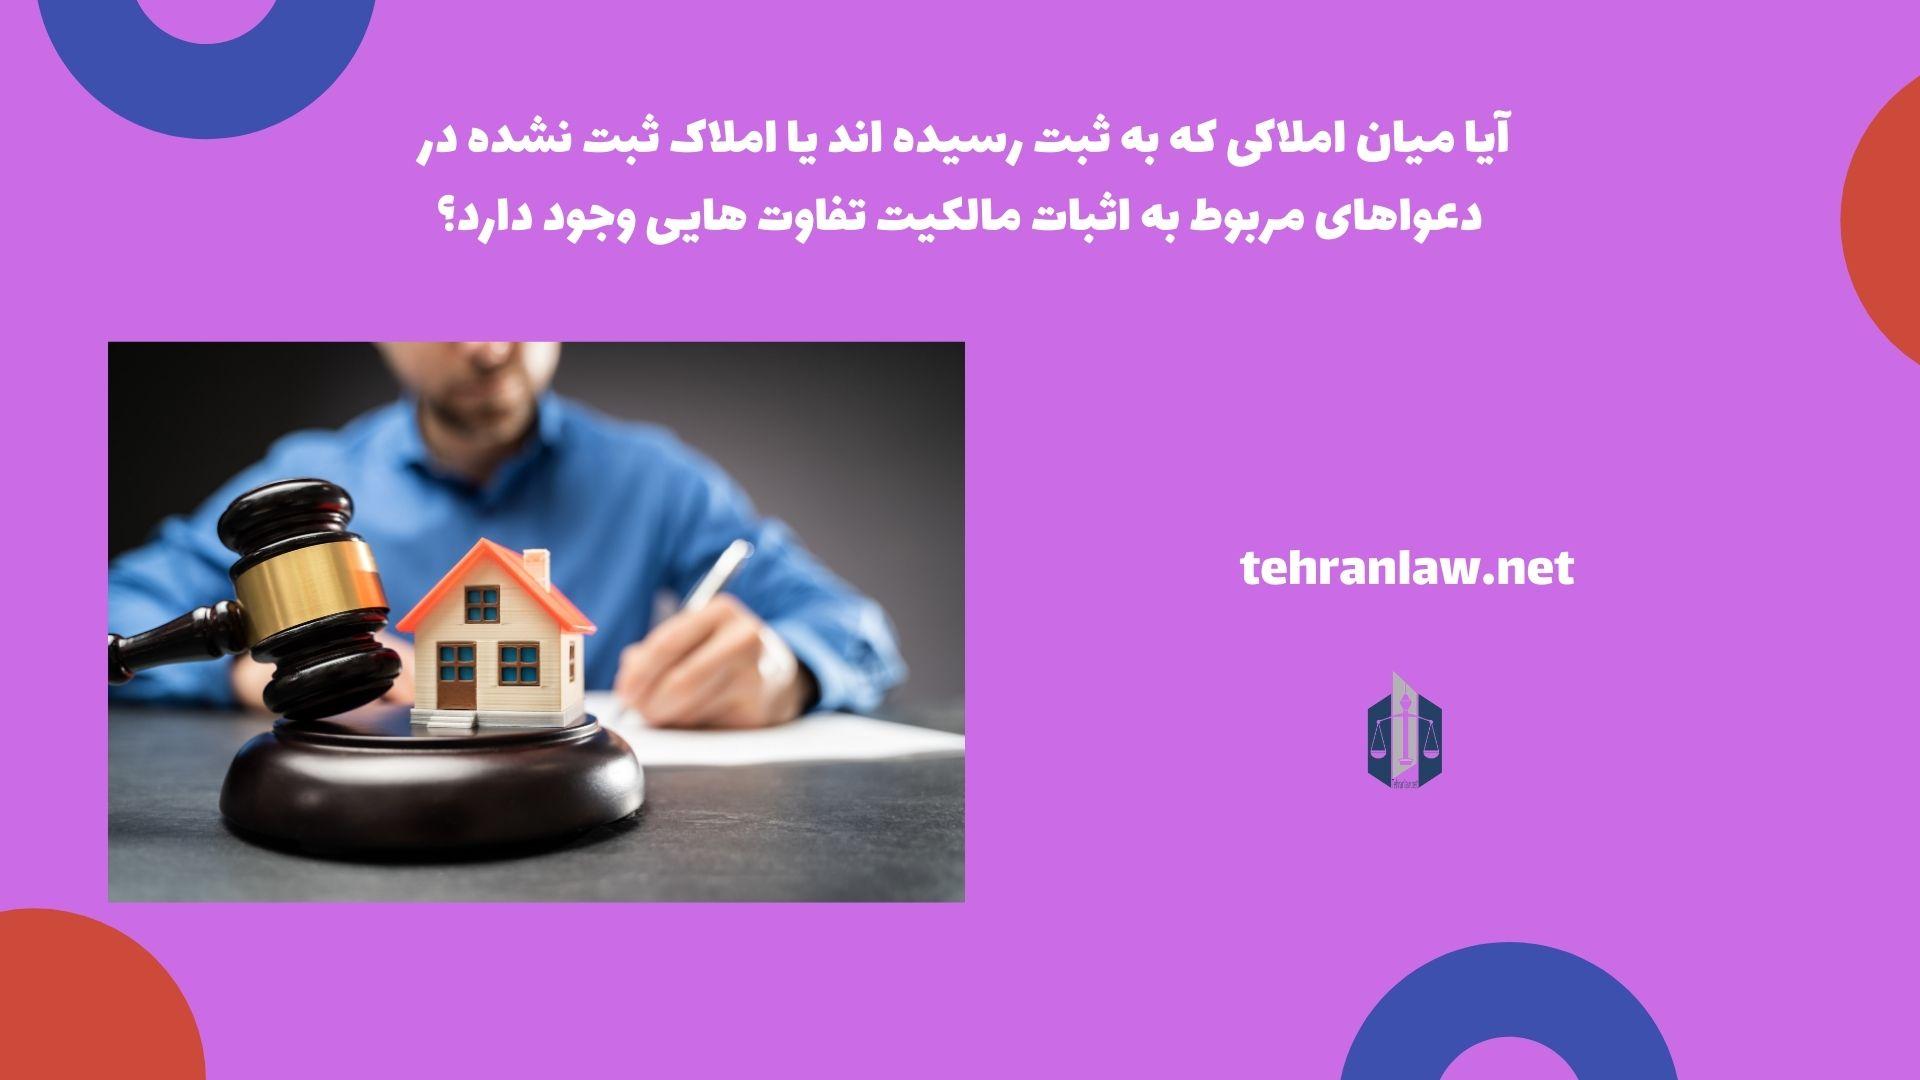 آیا میان املاکی که به ثبت رسیده اند یا املاک ثبت نشده در دعواهای مربوط به اثبات مالکیت تفاوت هایی وجود دارد؟